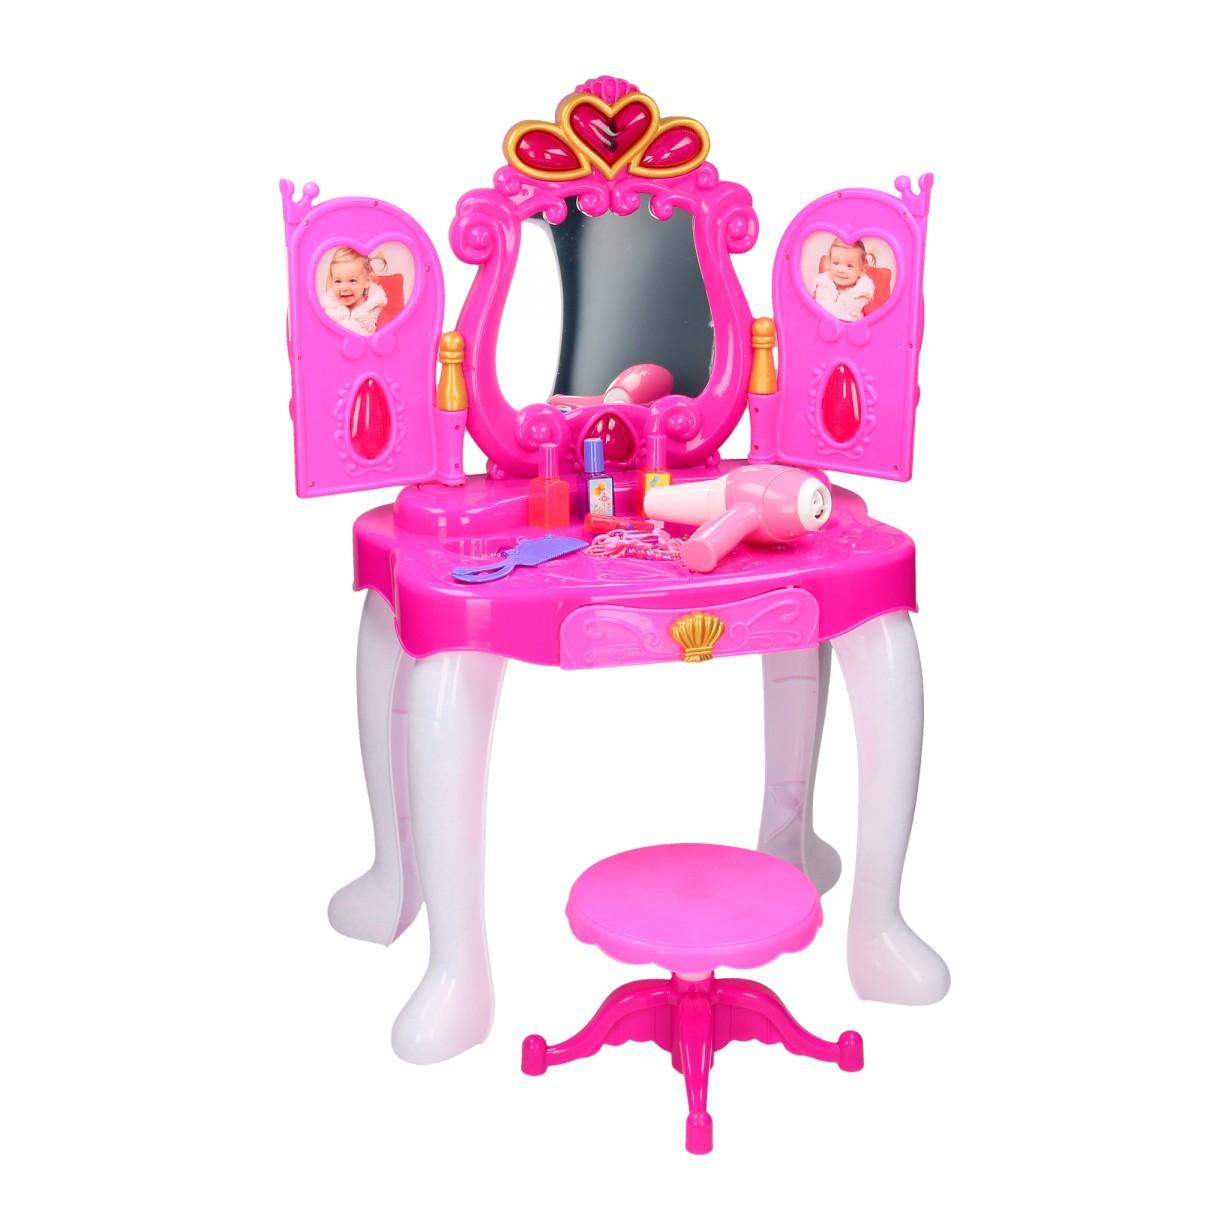 Wonderlijk Kaptafel met Licht en Geluid online kopen | Lobbes Speelgoed NK-01